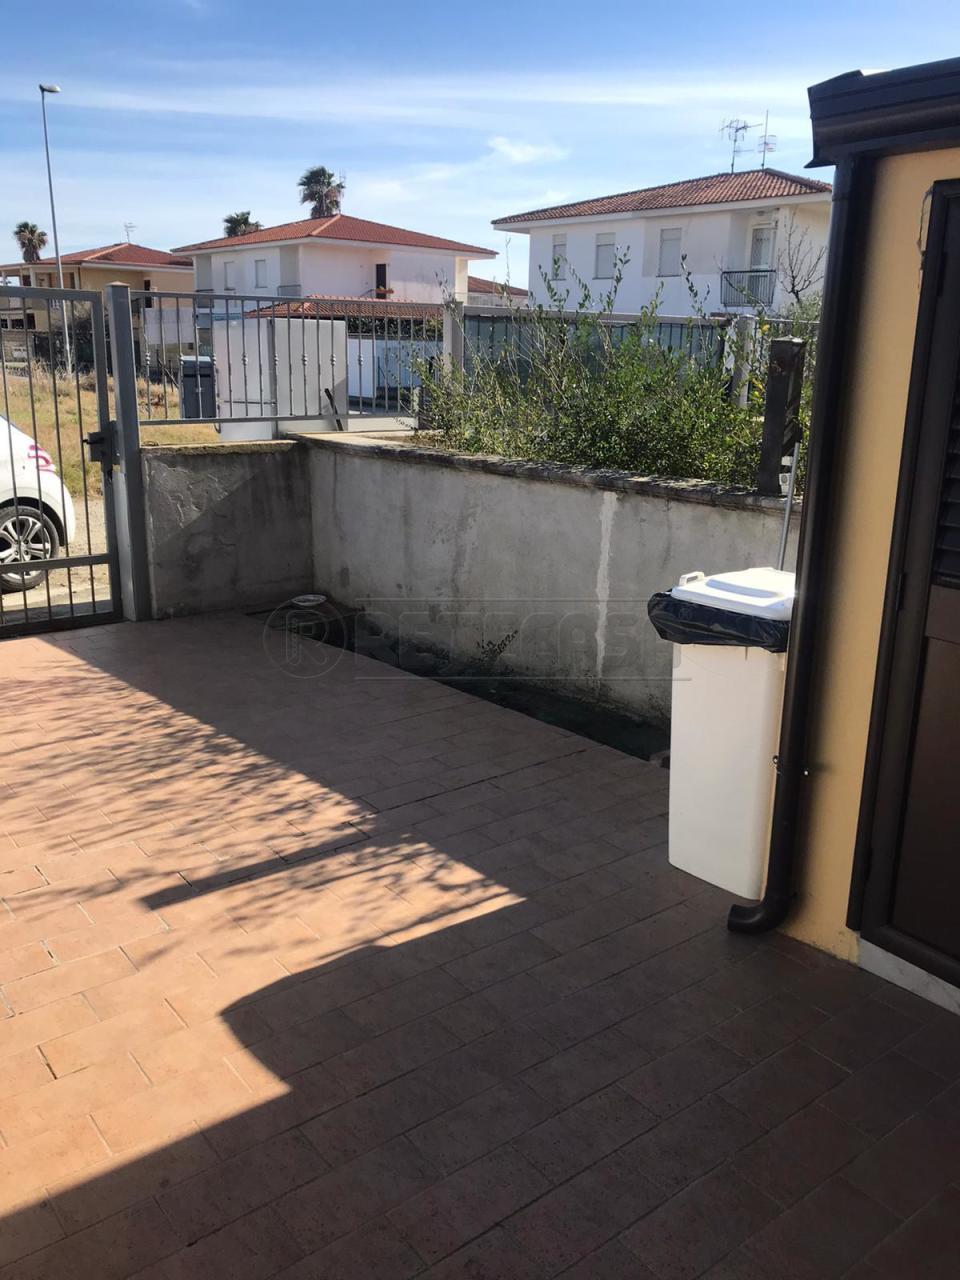 Appartamento in vendita a Cropani, 3 locali, prezzo € 70.000 | CambioCasa.it